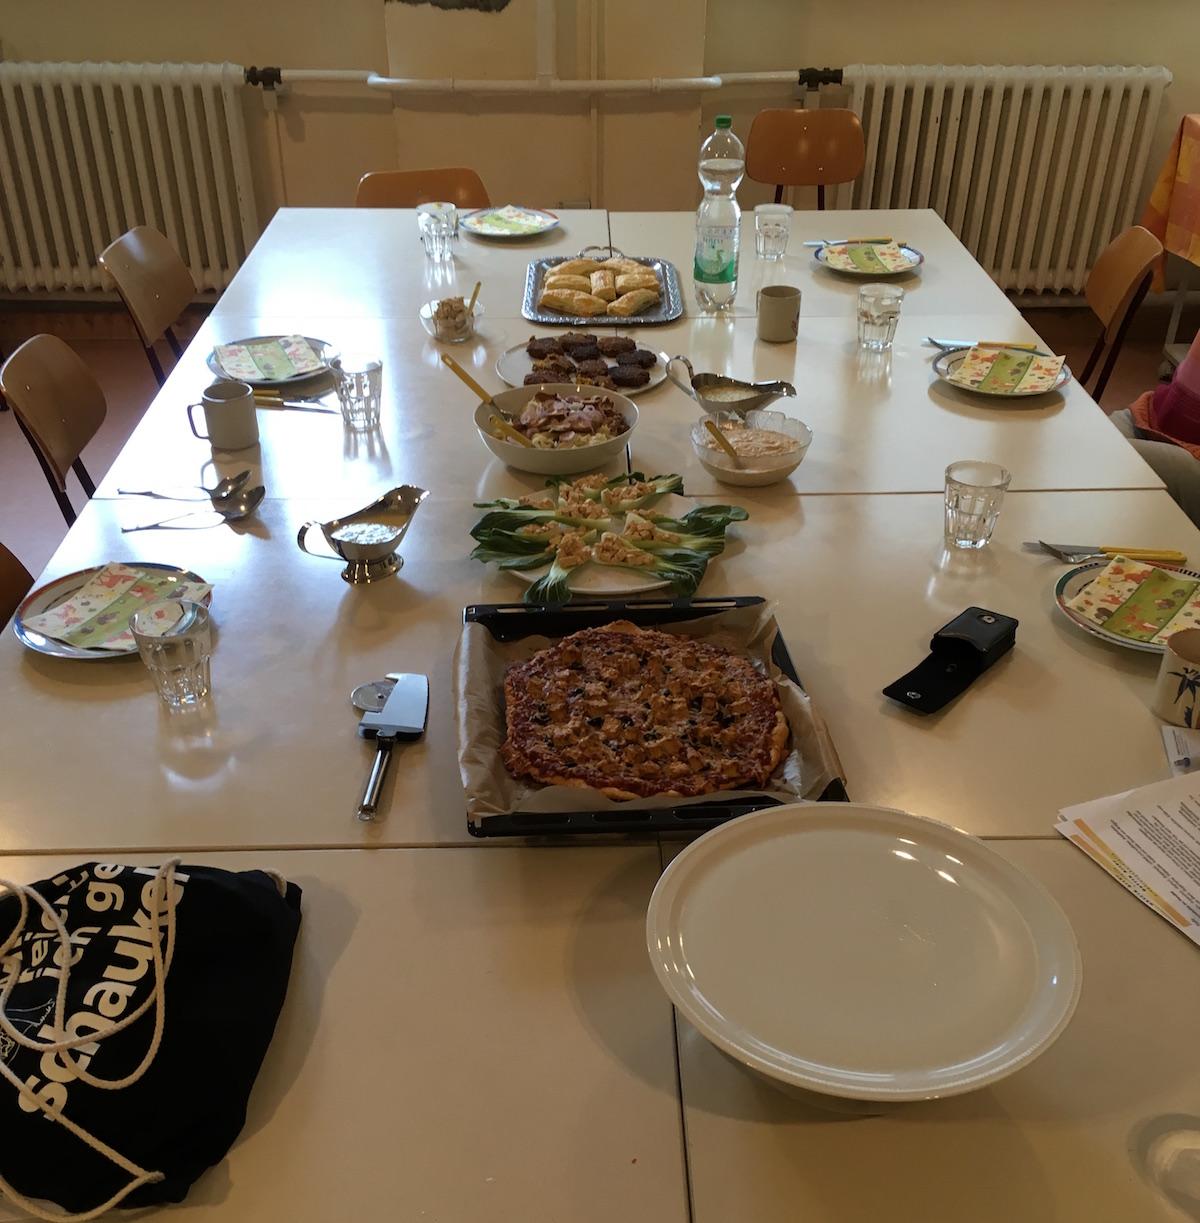 Esstisch mit Essen